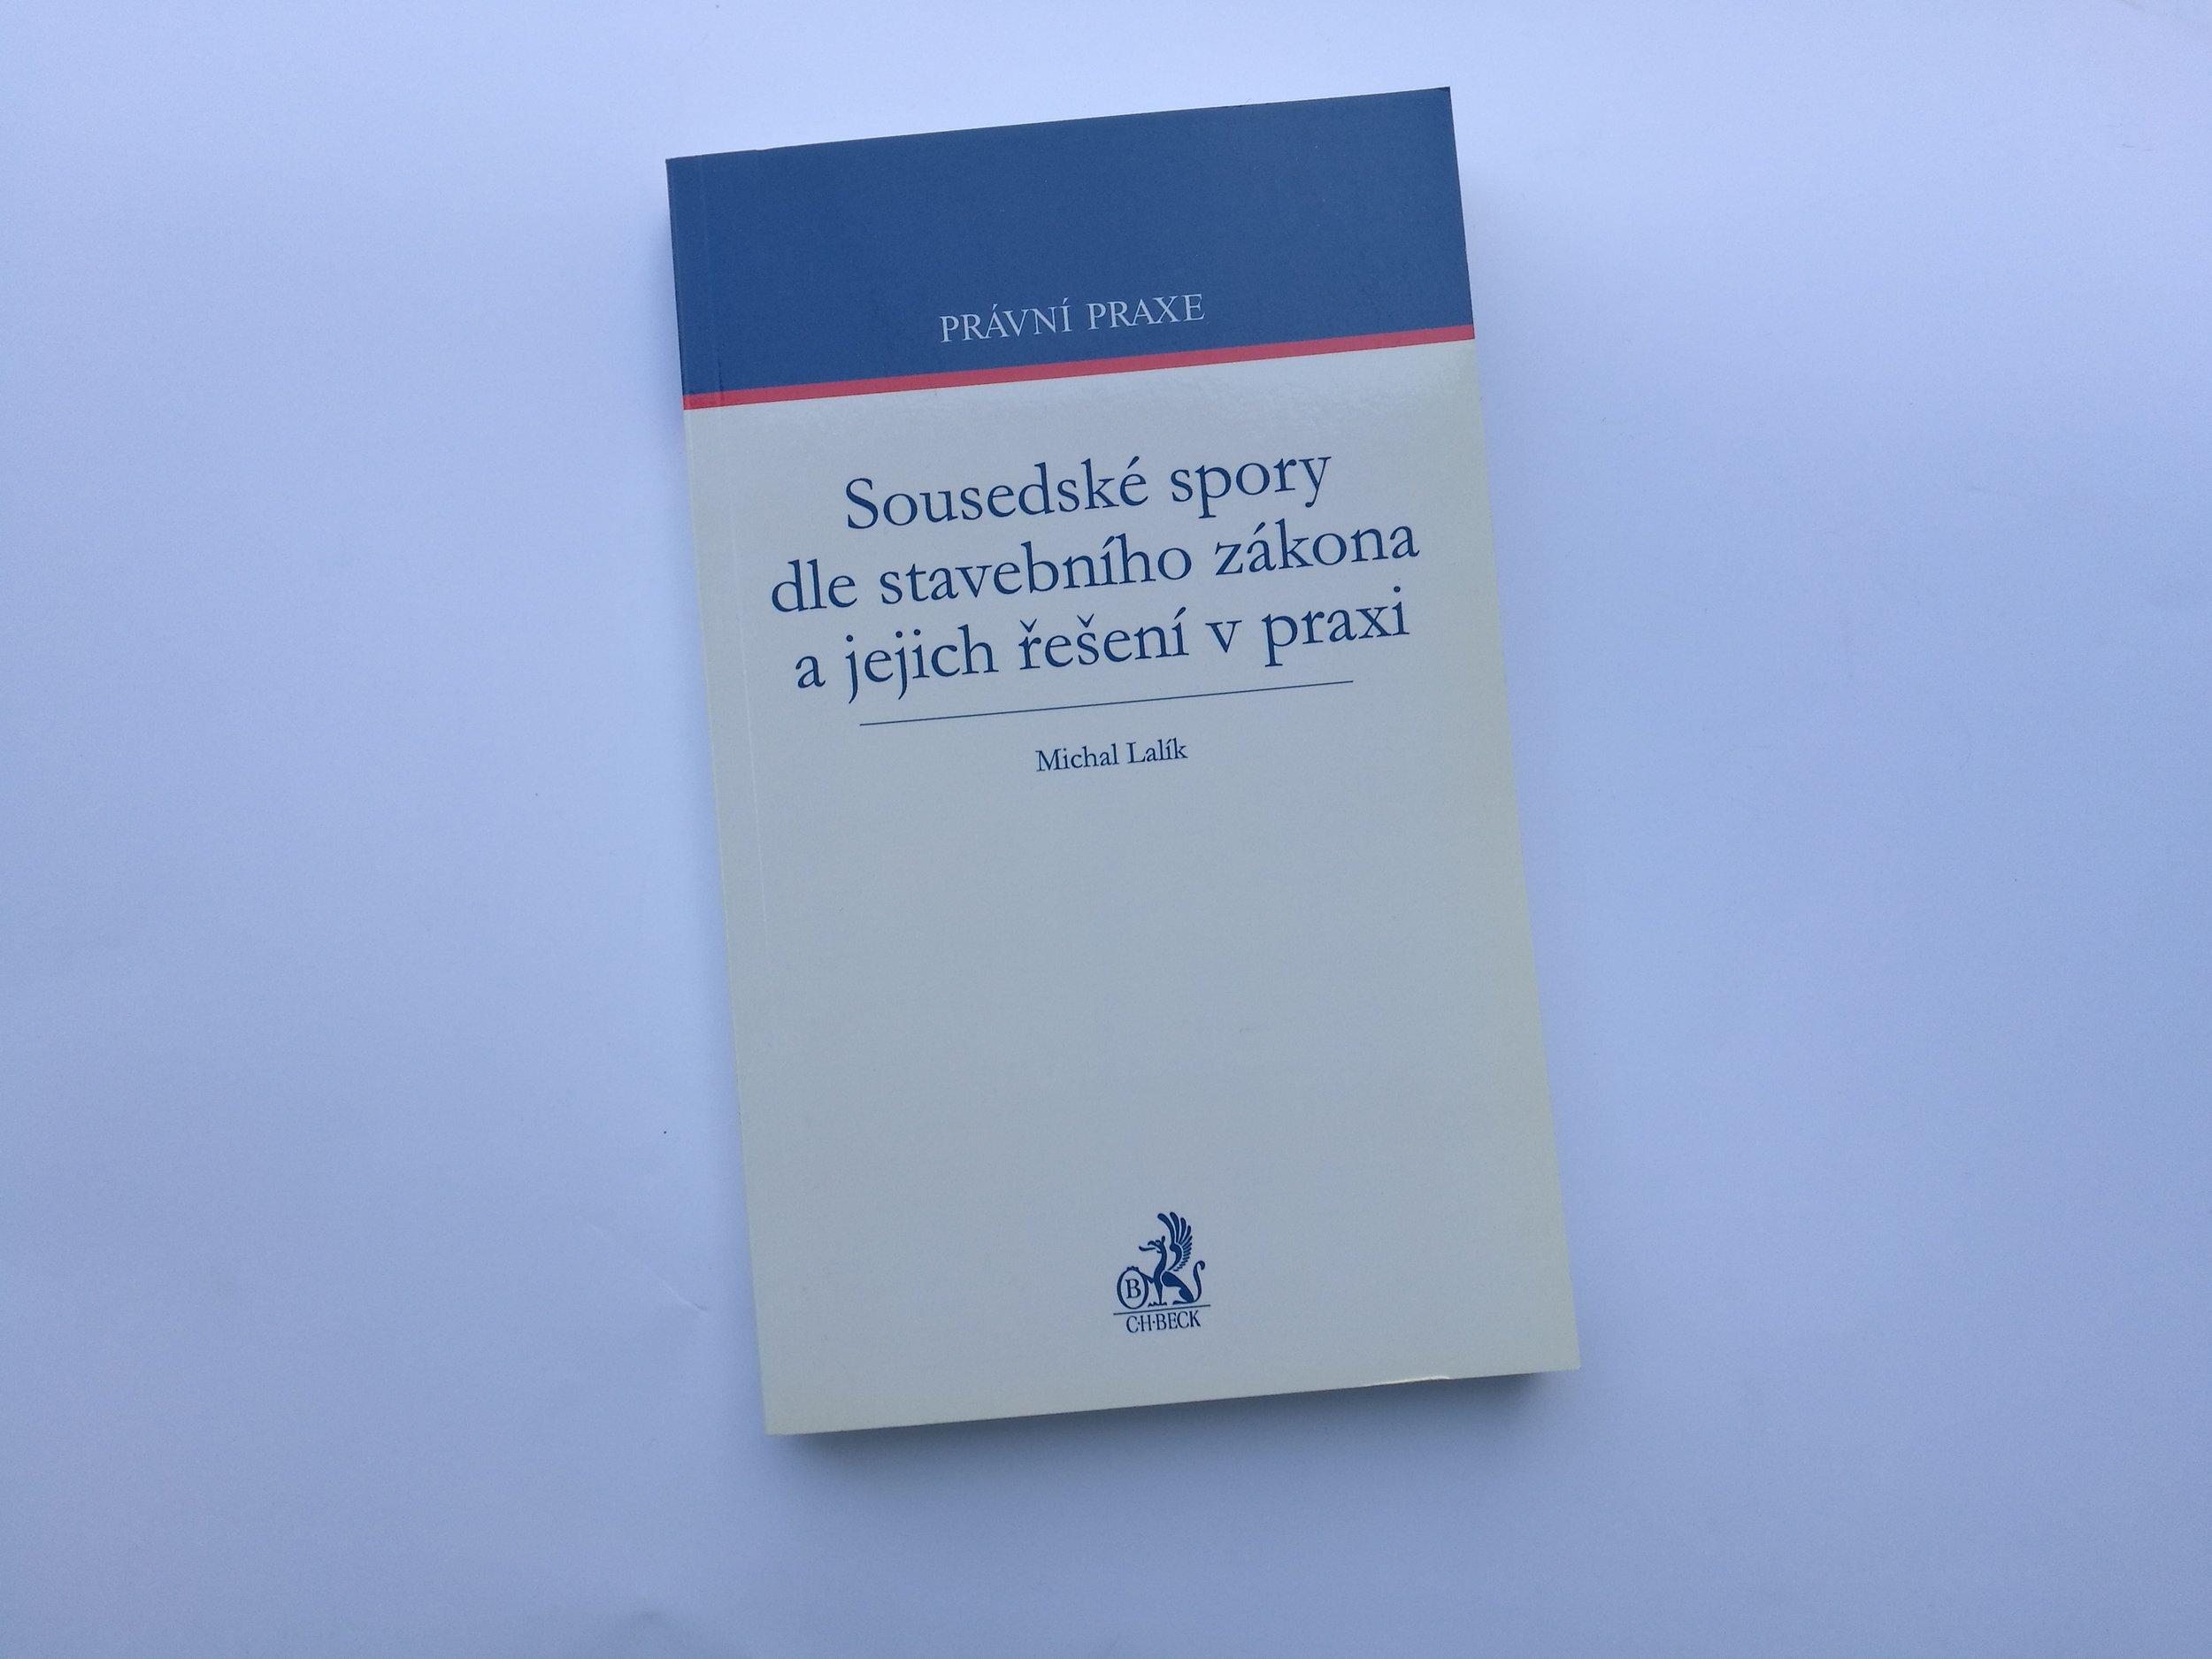 Tisk brožur (2).jpg